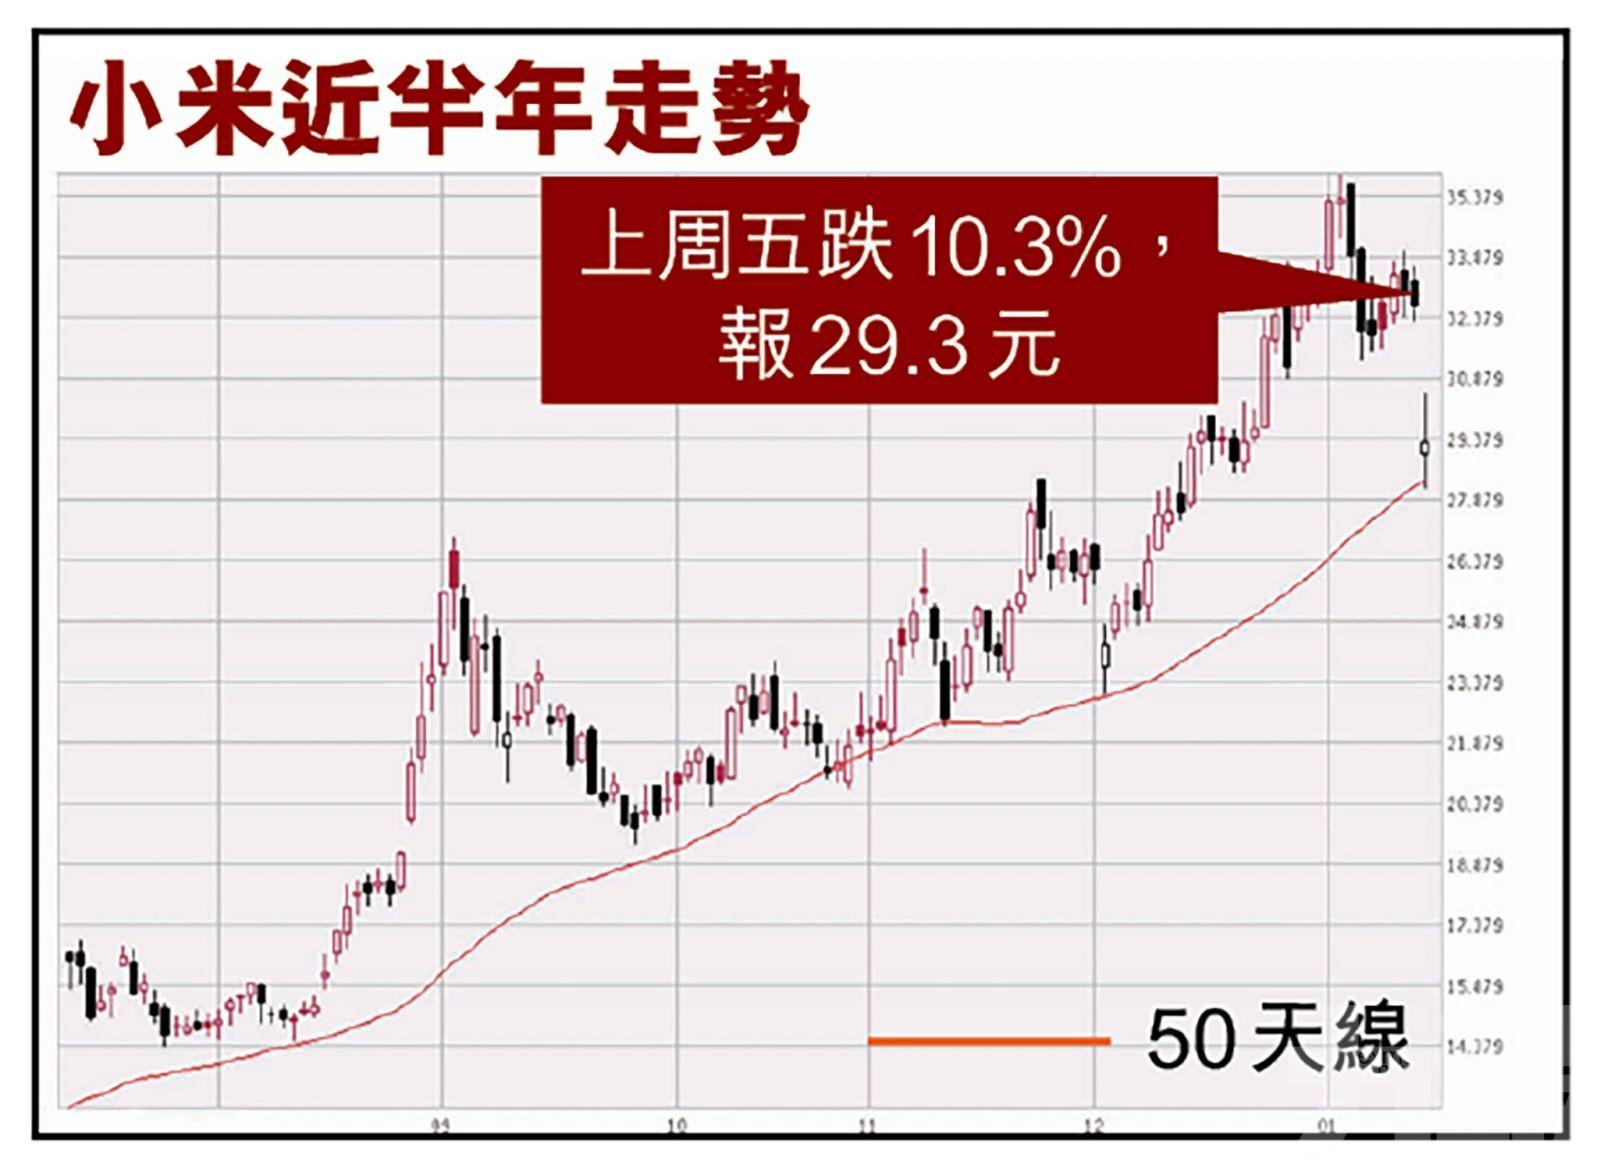 單日挫一成 錄337億成交短期料股價受壓